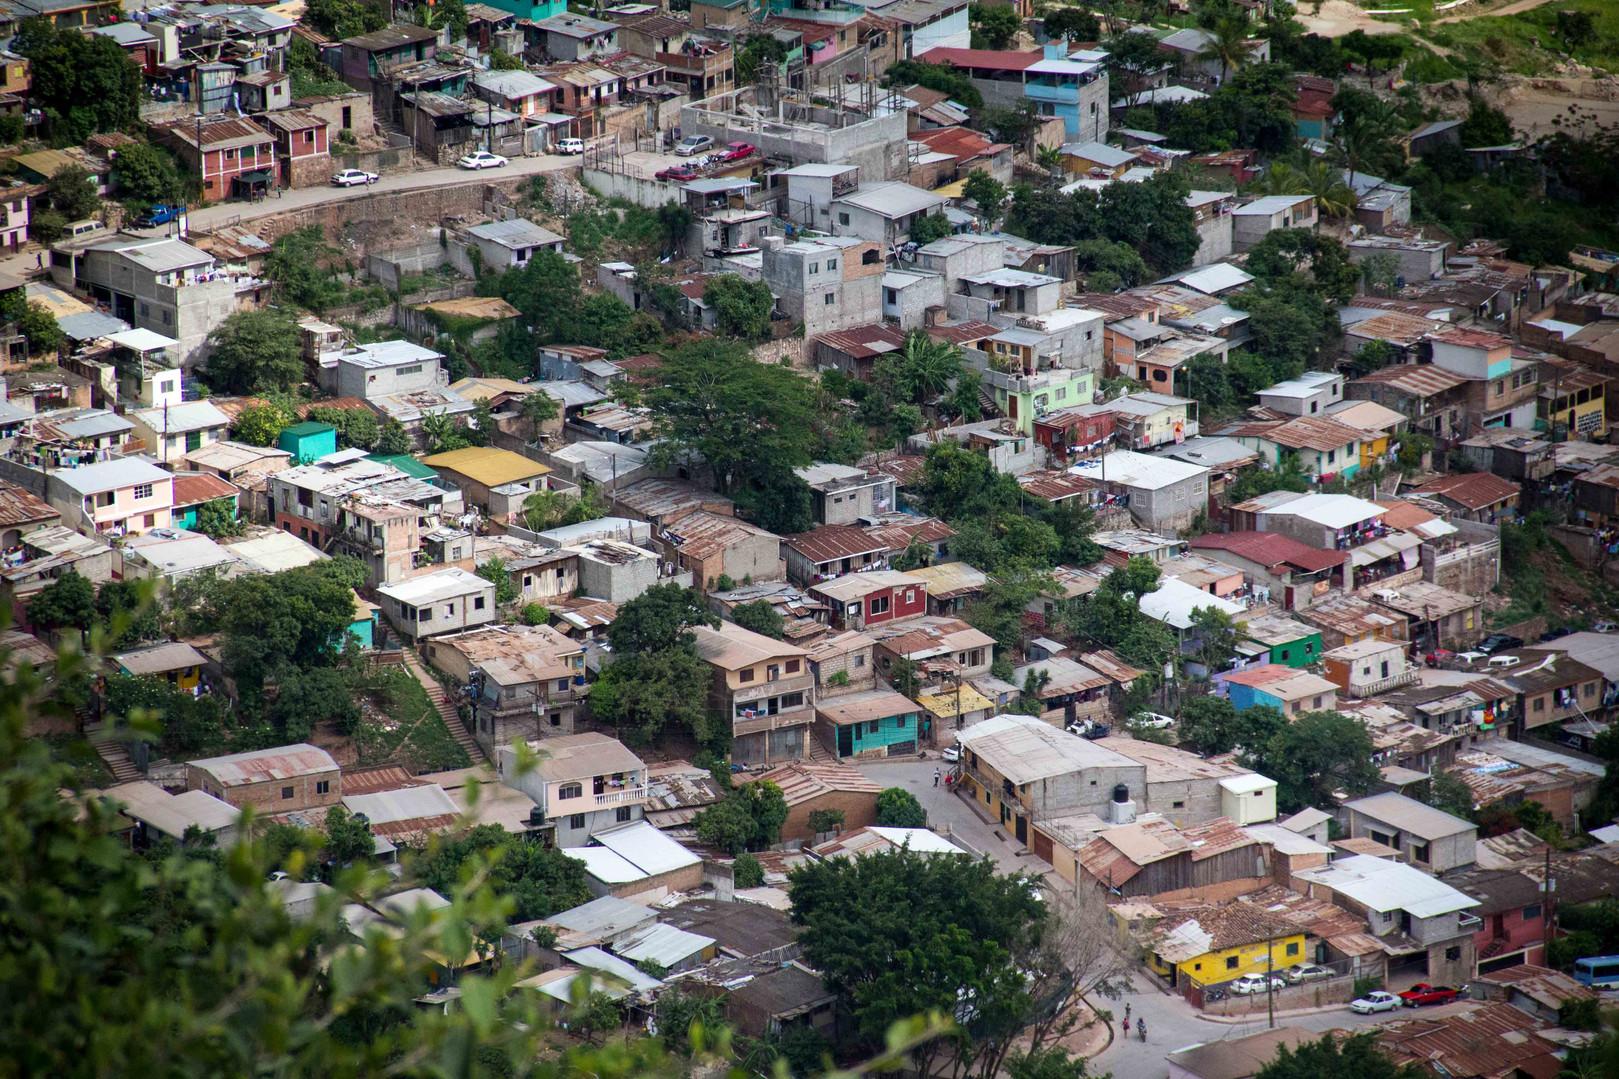 honduras-4923_15047474397_o.jpg